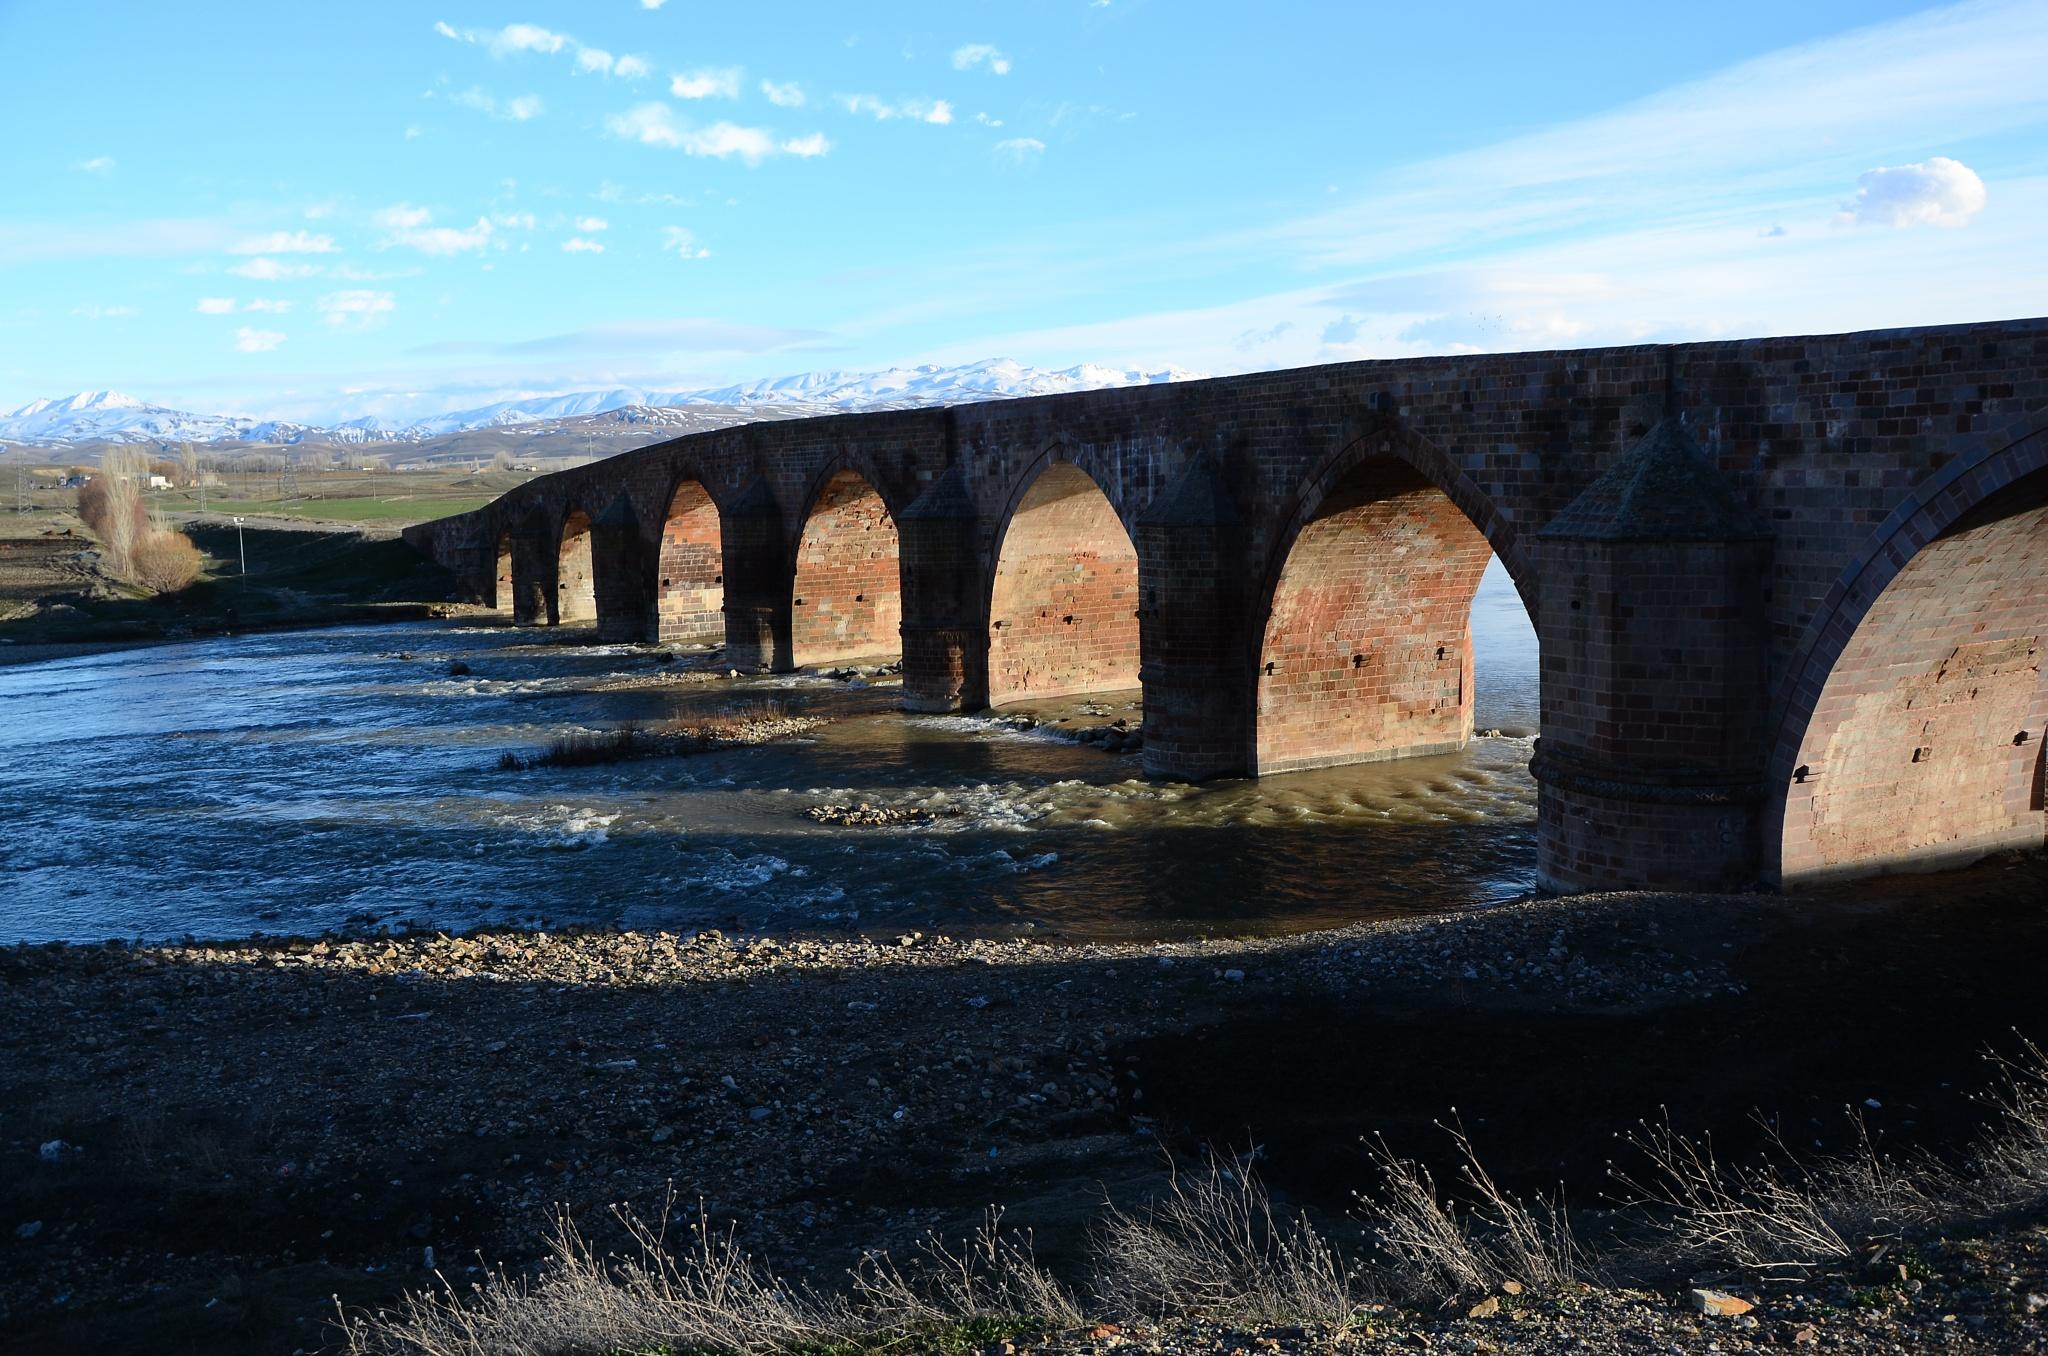 Çobandede köprüsü Erzurum by Aliserit